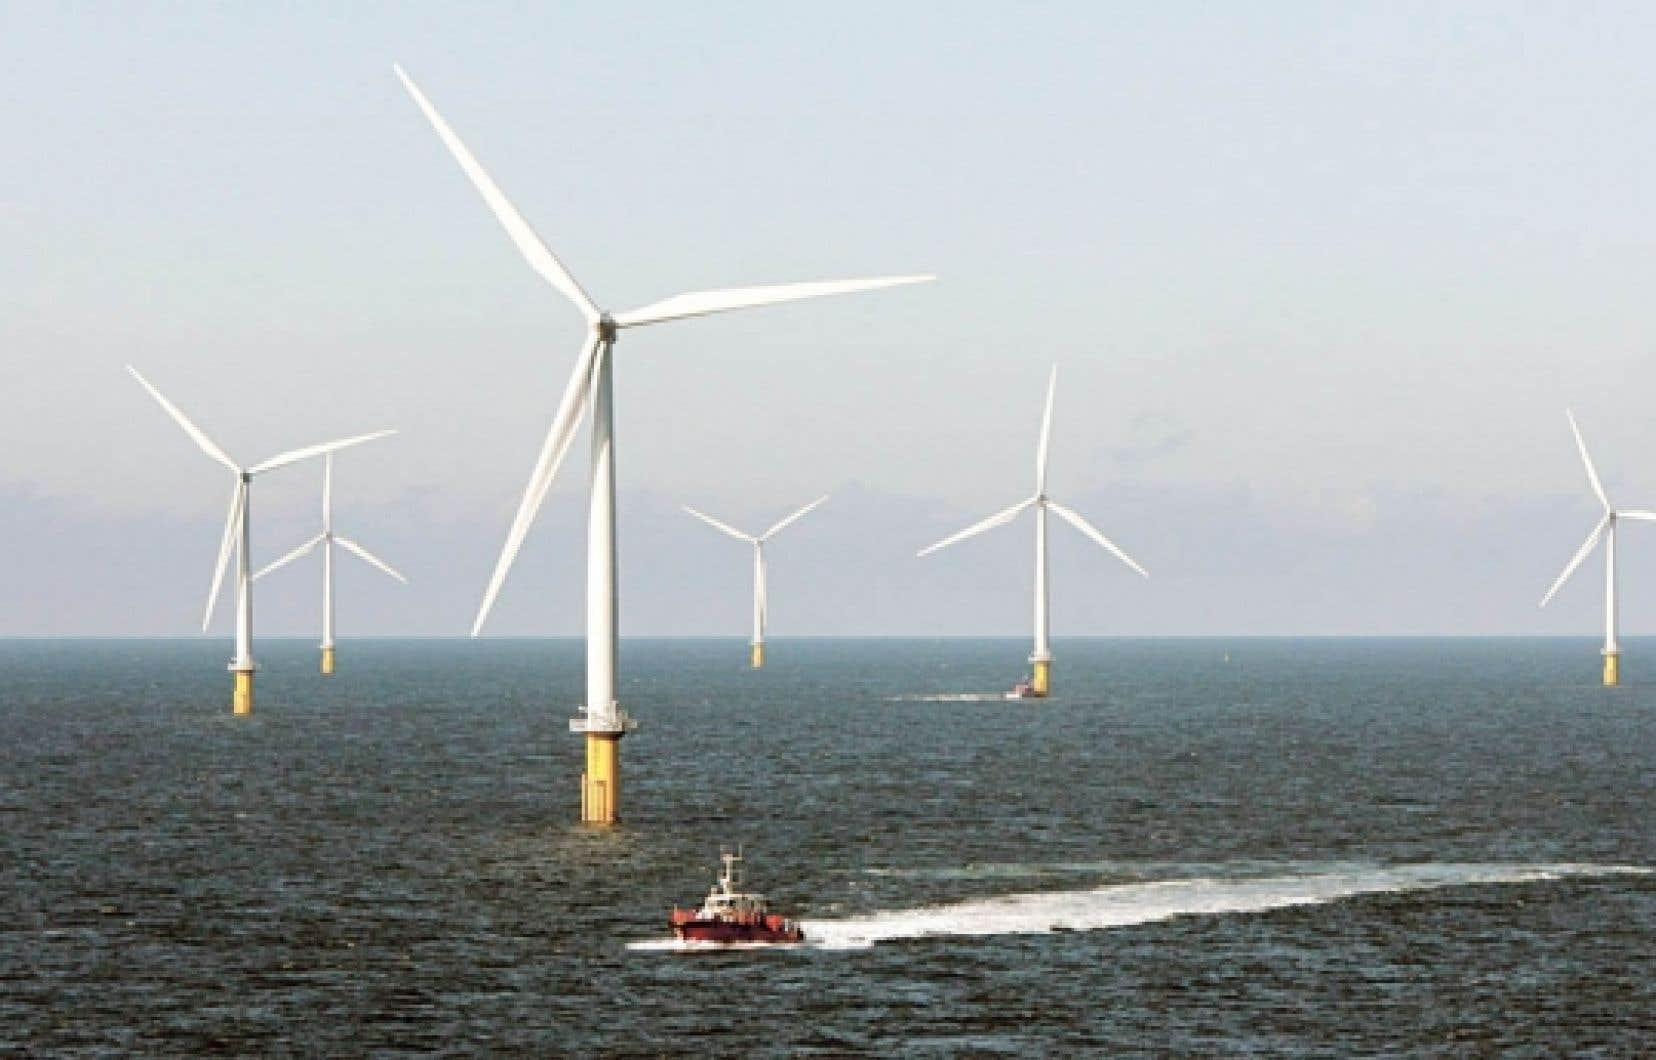 Peu ou pas d'opposition, au Danemark, aux parcs d'éoliennes érigés en pleine mer. Les Danois y voient plutôt la signature tangible de leurs convictions énergétiques dans le paysage.